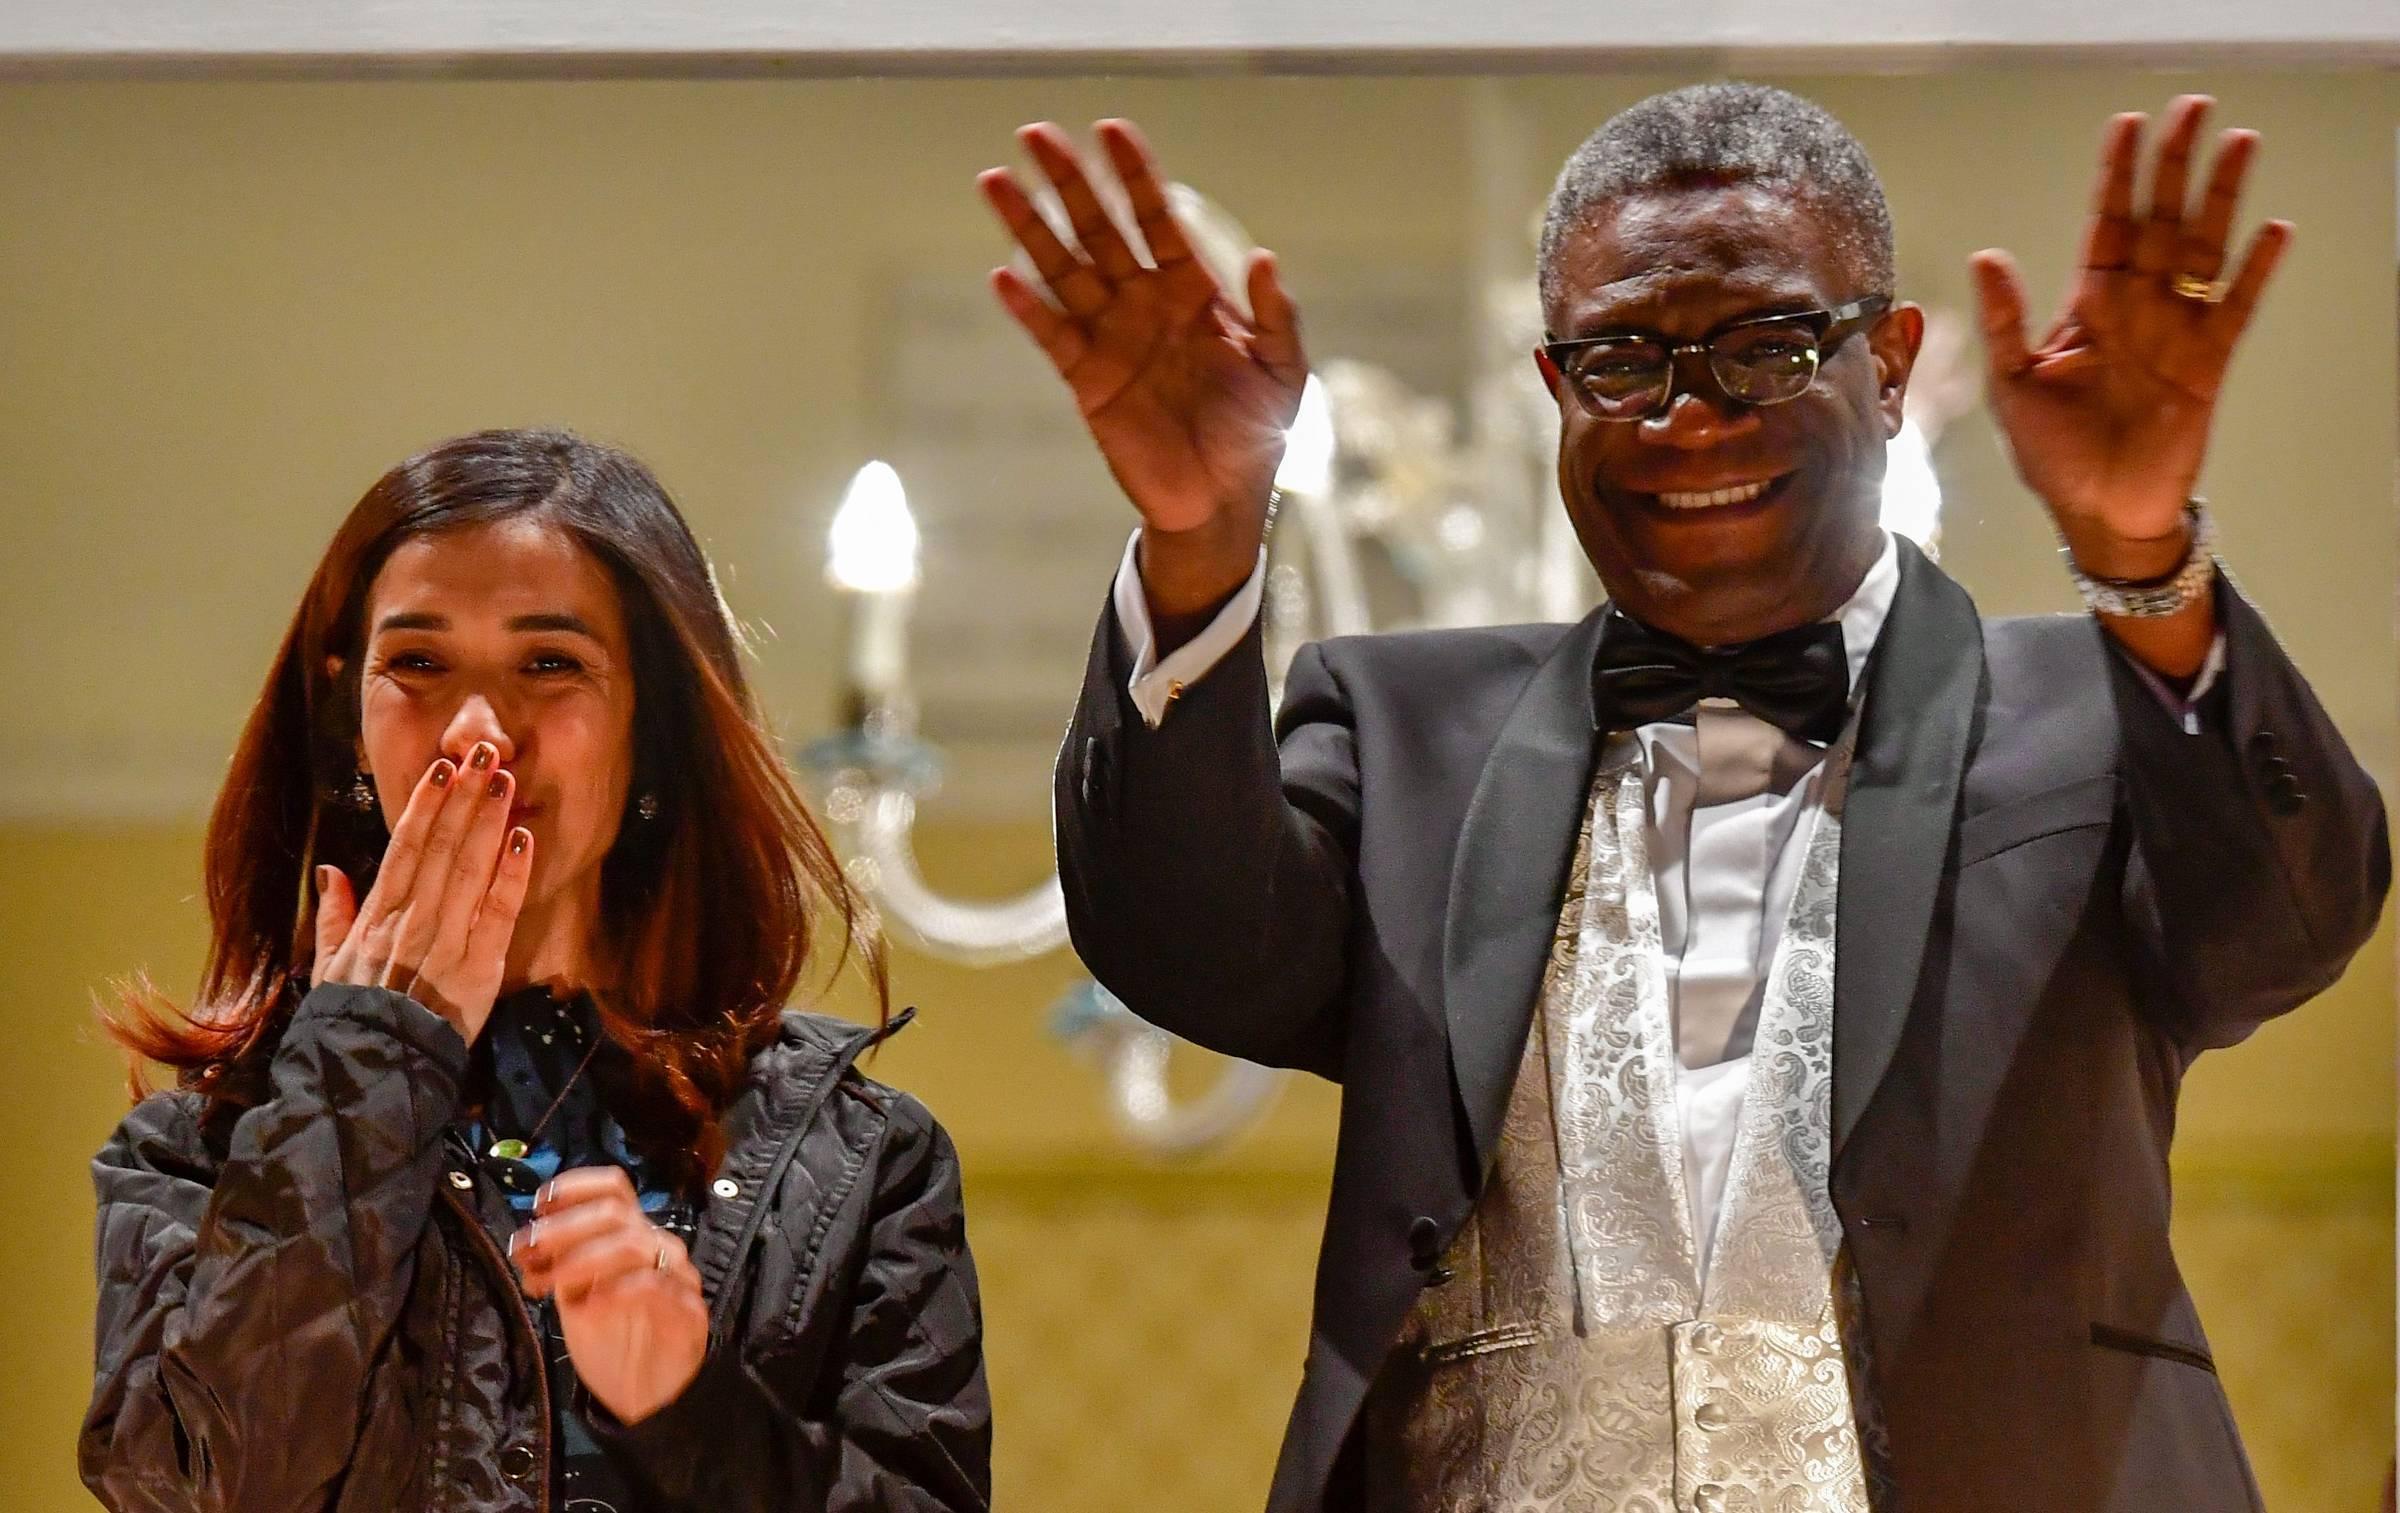 15705573635d9ccdb3abbf9 1570557363 3x2 rt   urandir   MUNDO   Greta, Raoni e primeira ministra da Nova Zelândia lideram apostas para Nobel da Paz